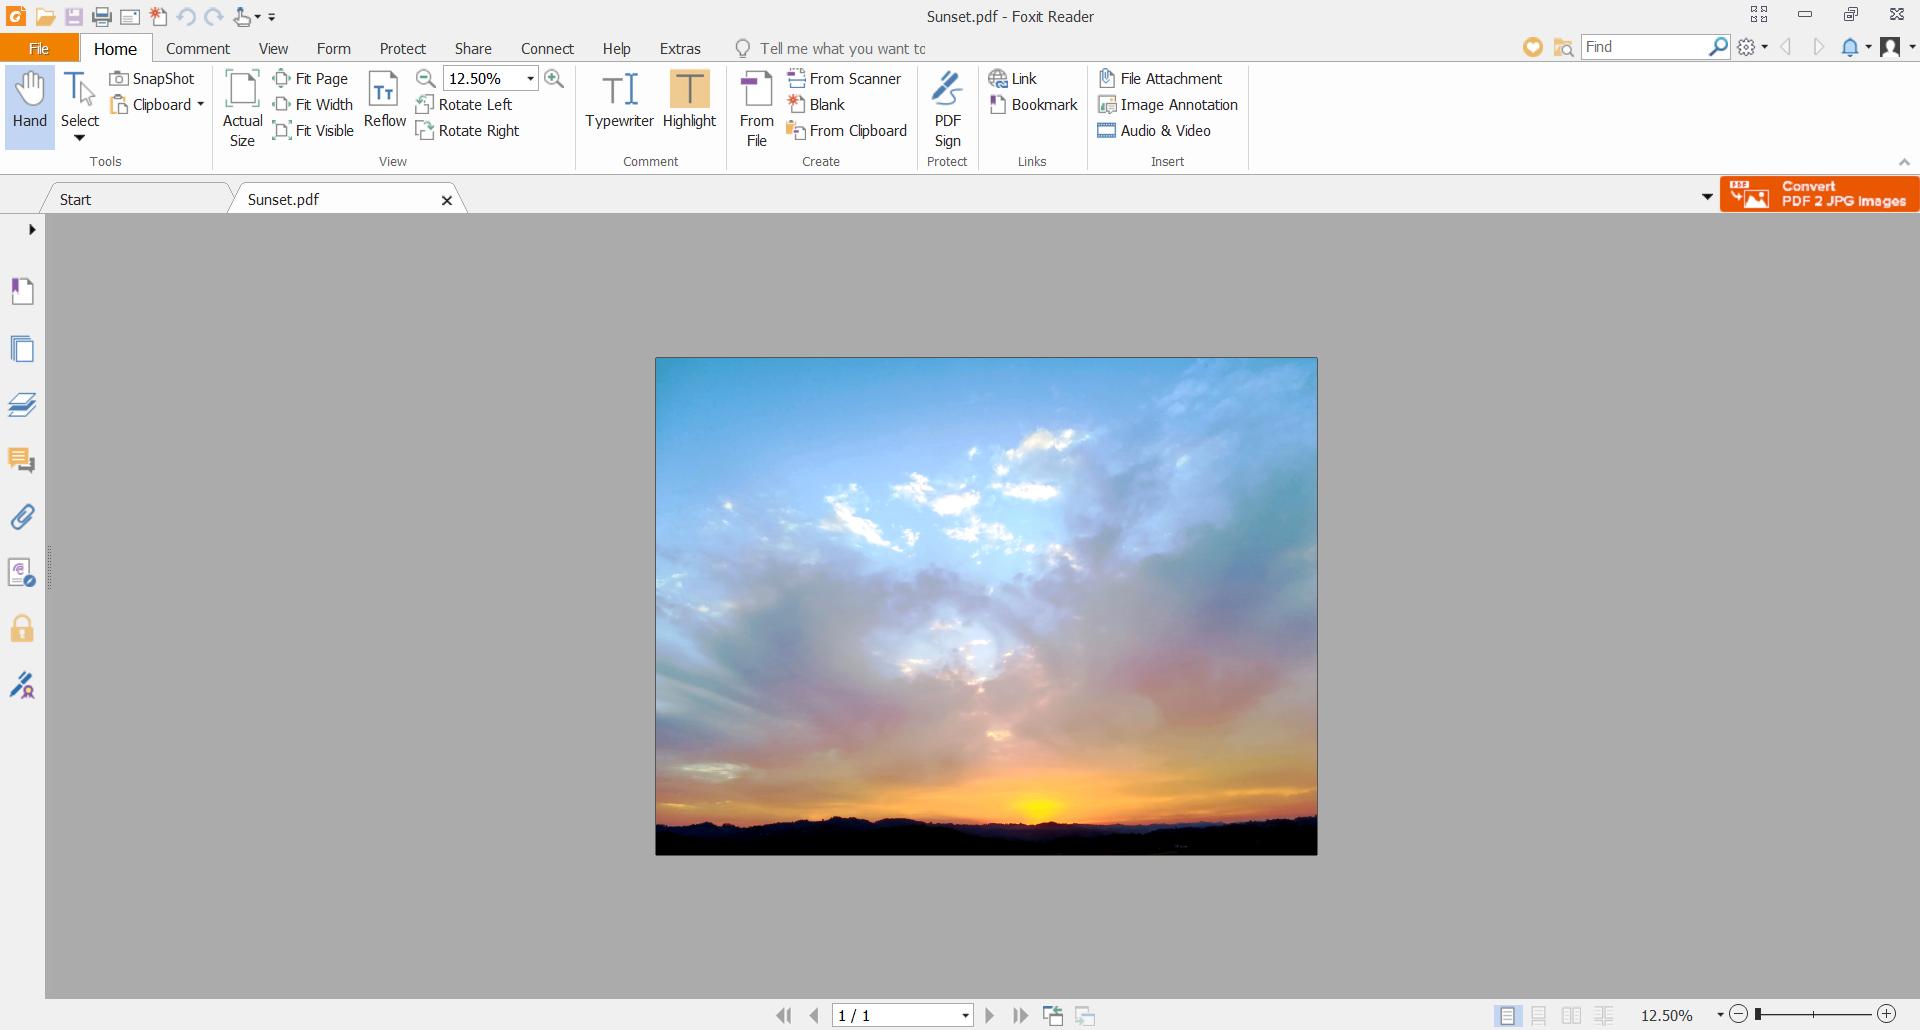 Best image file formats - PDF